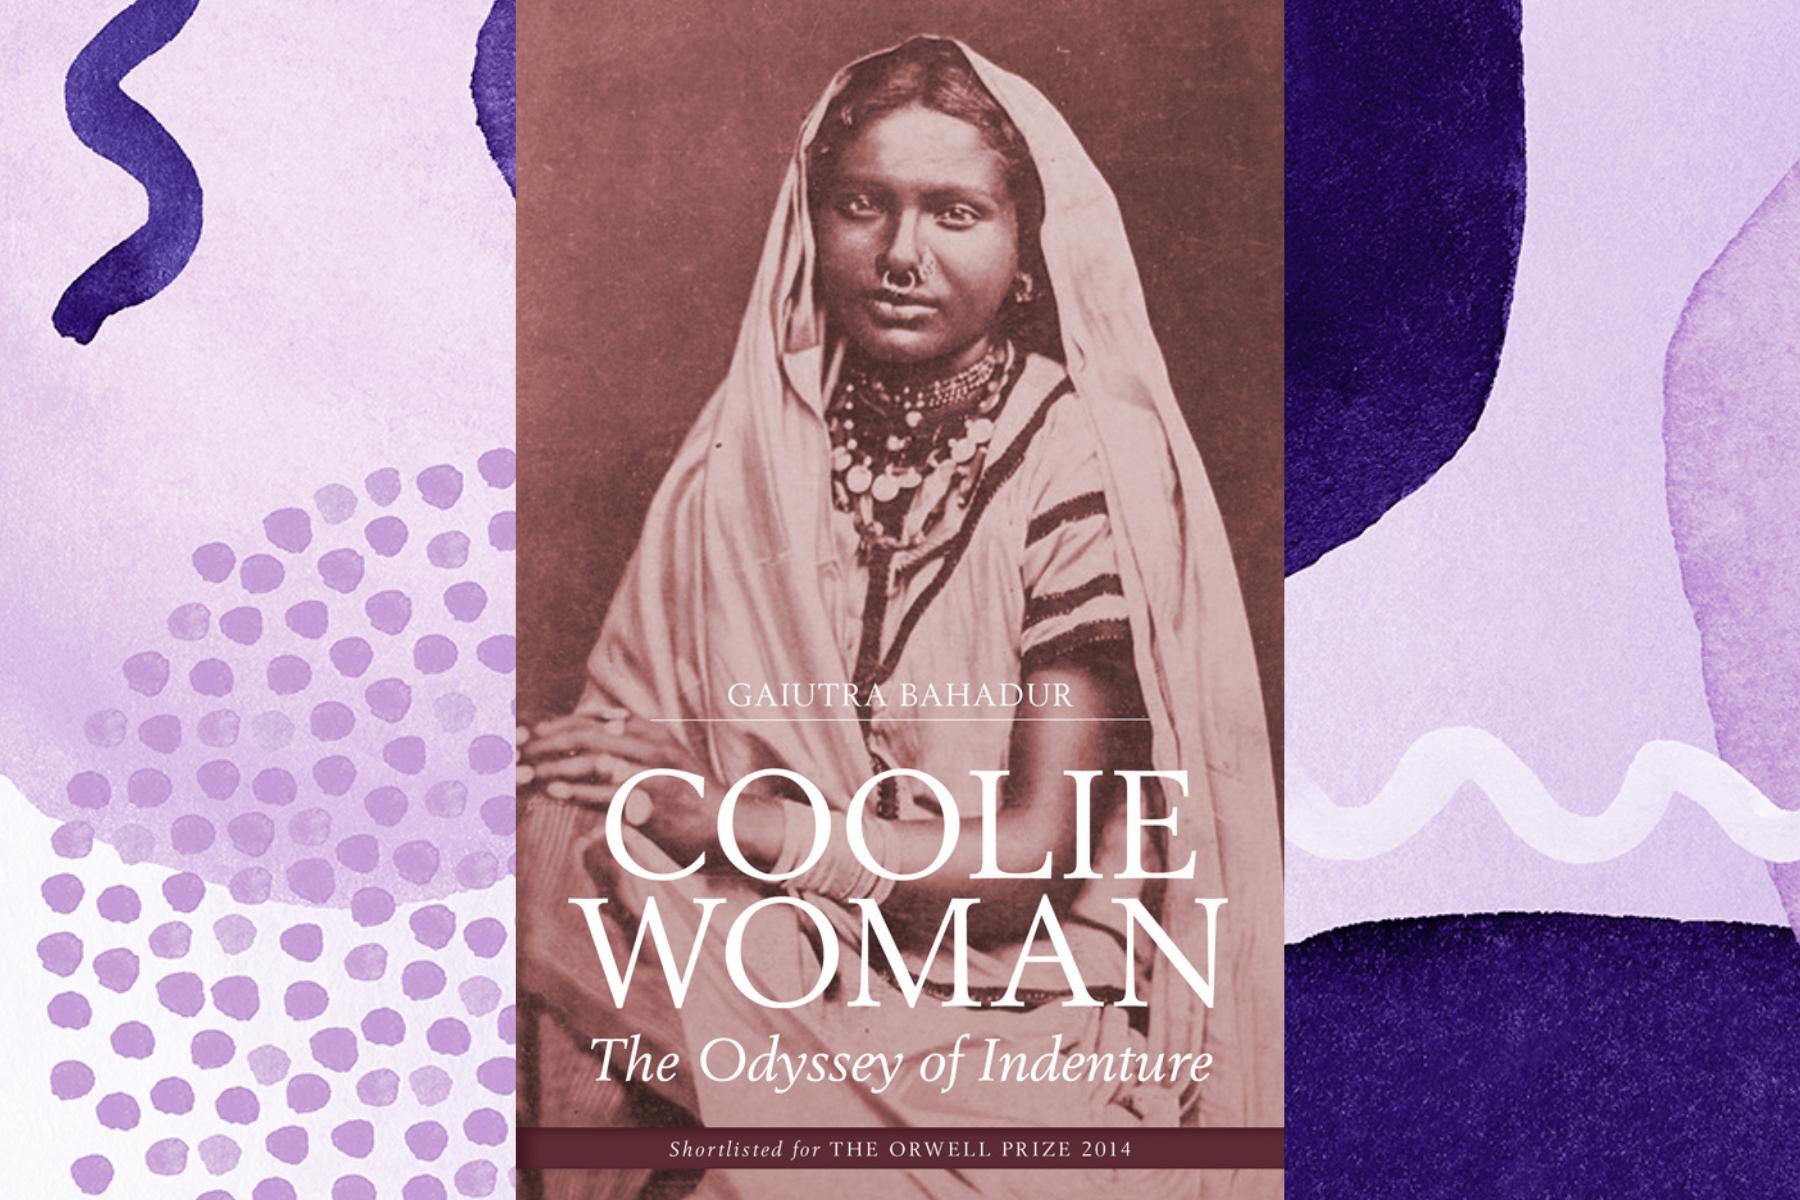 Gaiutra Bahadur Coolie woman